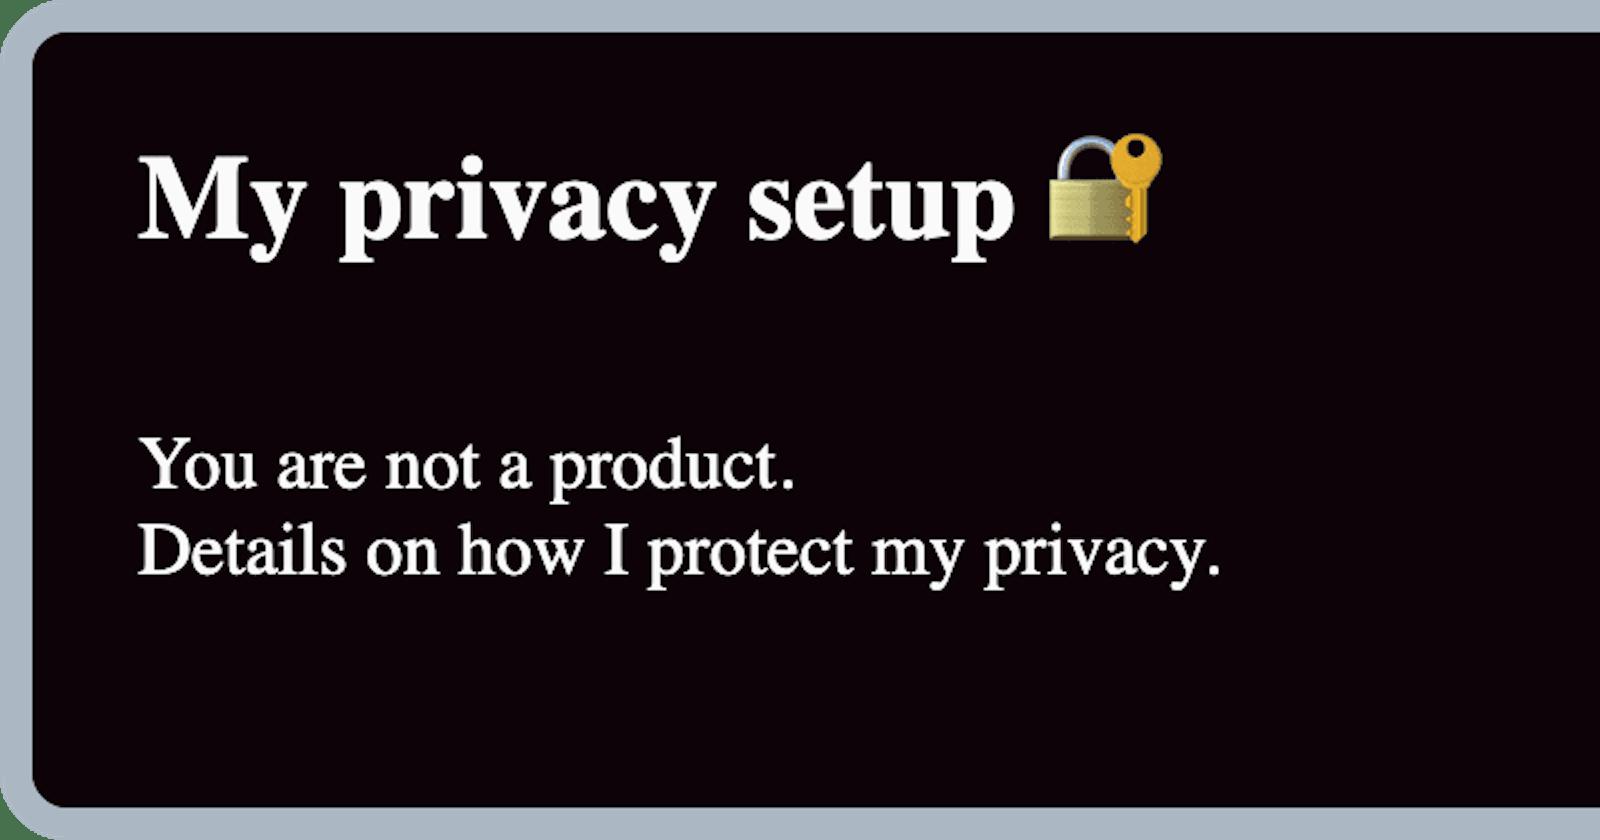 My privacy setup 🔐